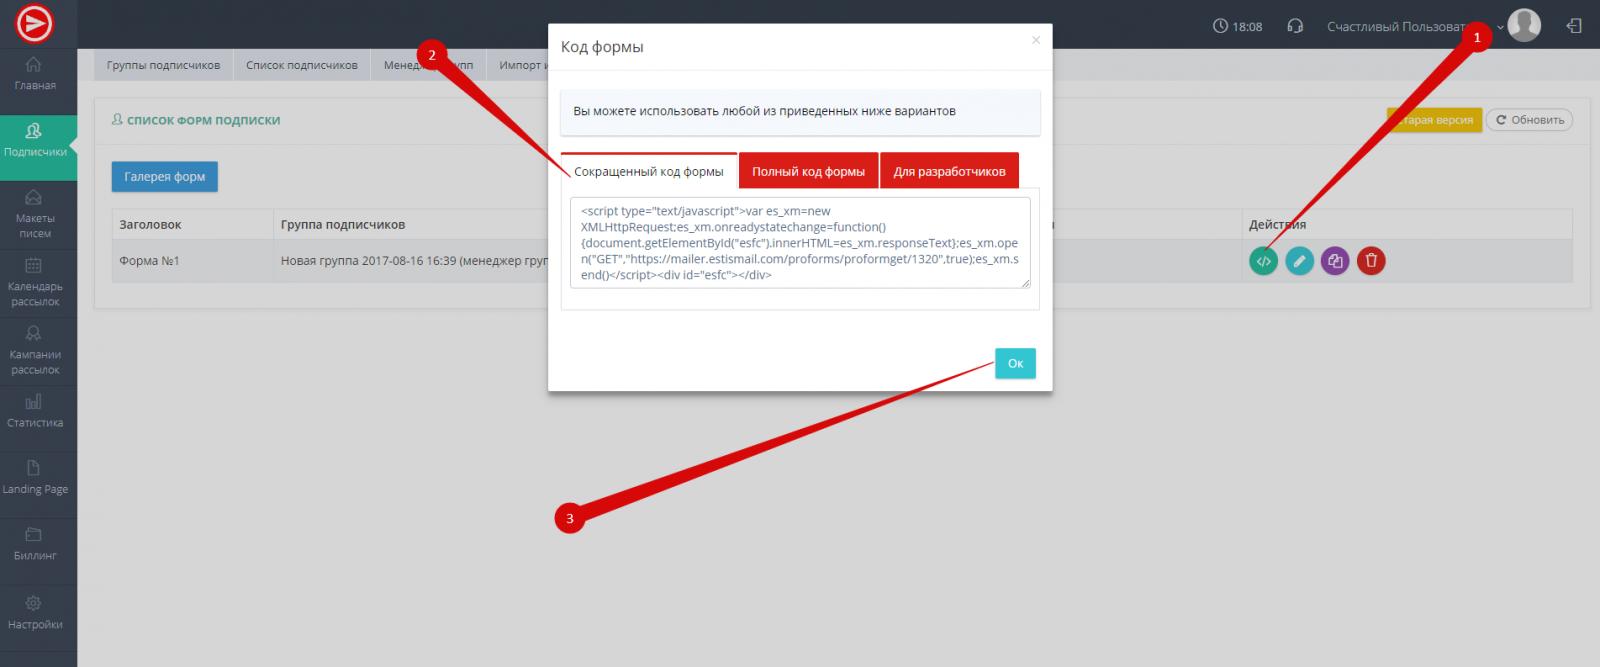 Код форм подписок для вставки на свой сайт или лэндинг